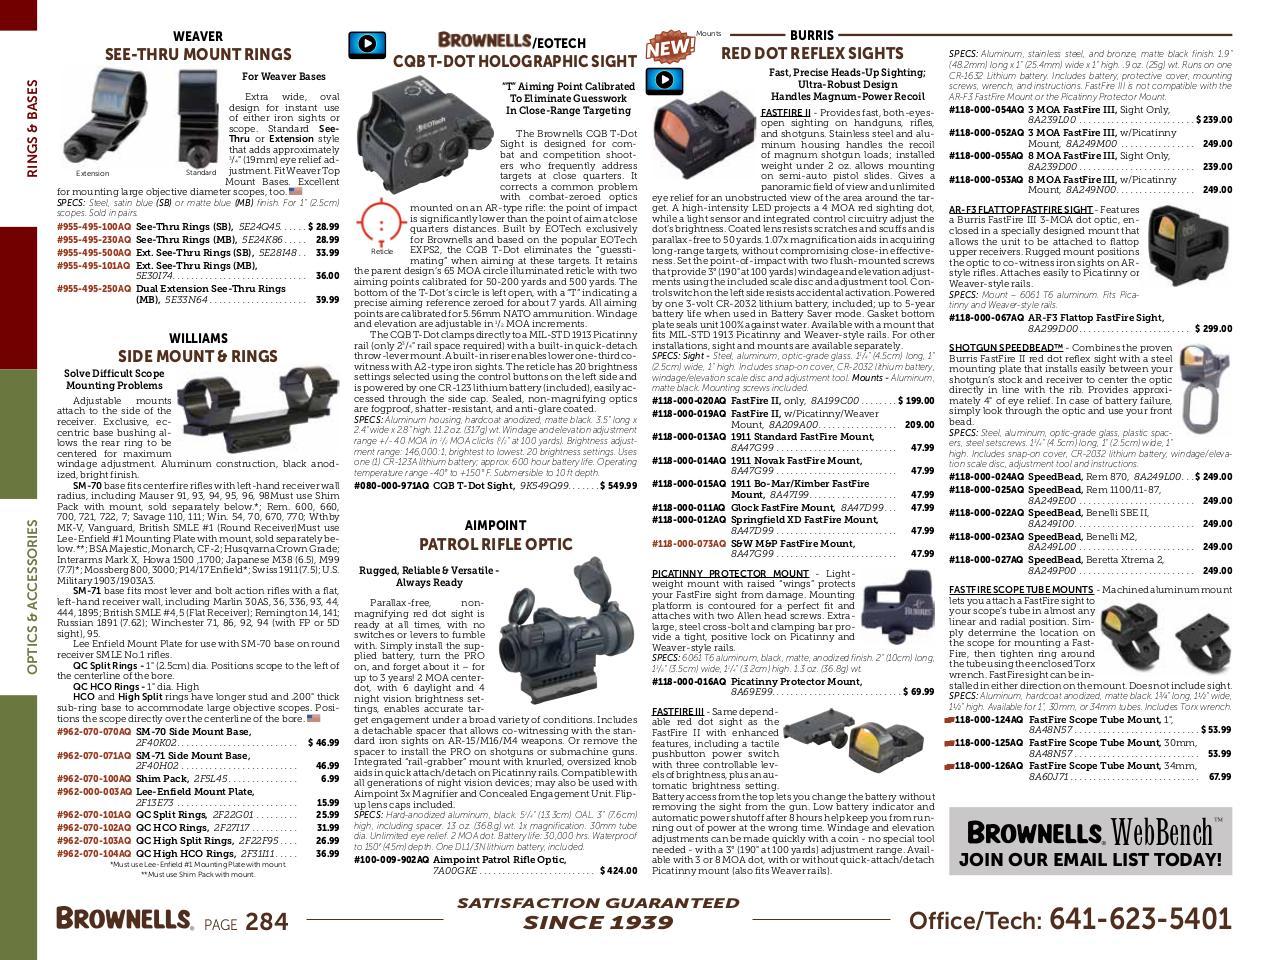 68OpticsSection284 305 - Fichier PDF